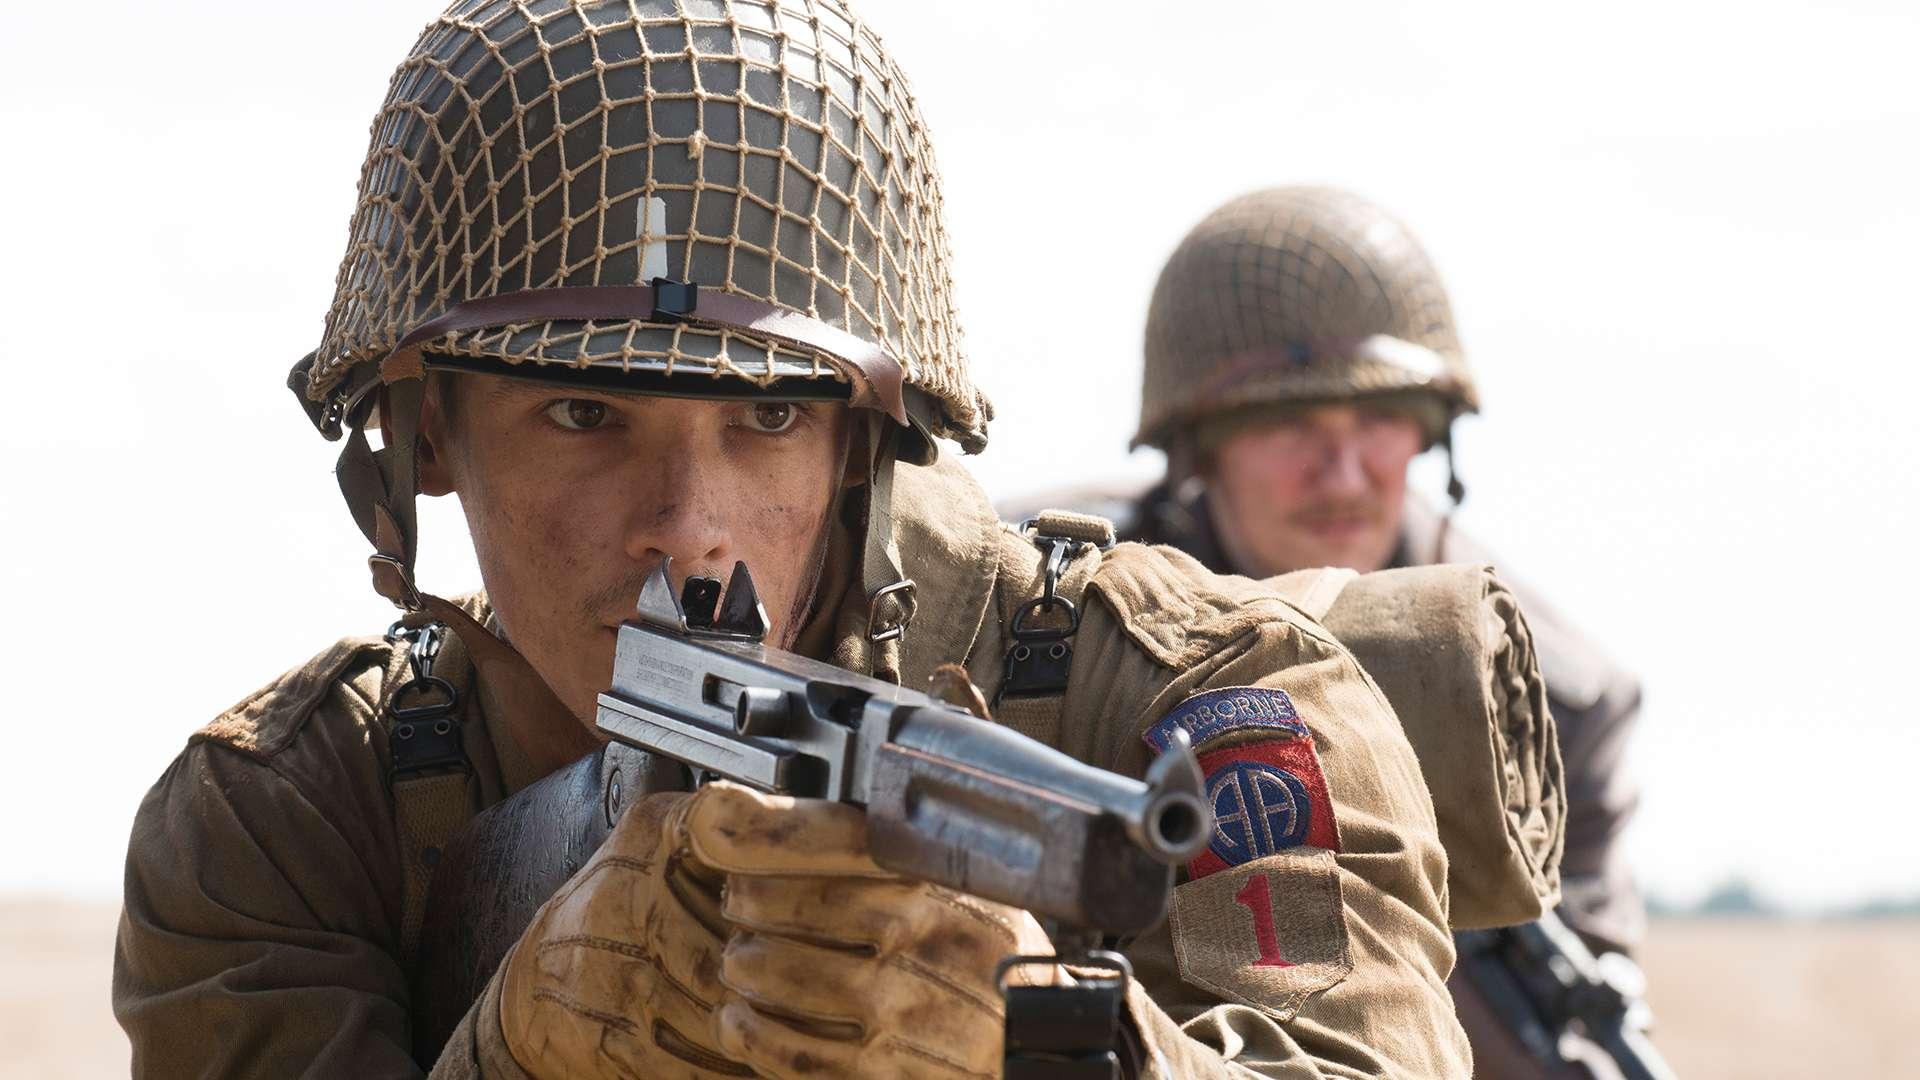 ヘル・フィールド ナチスの戦城